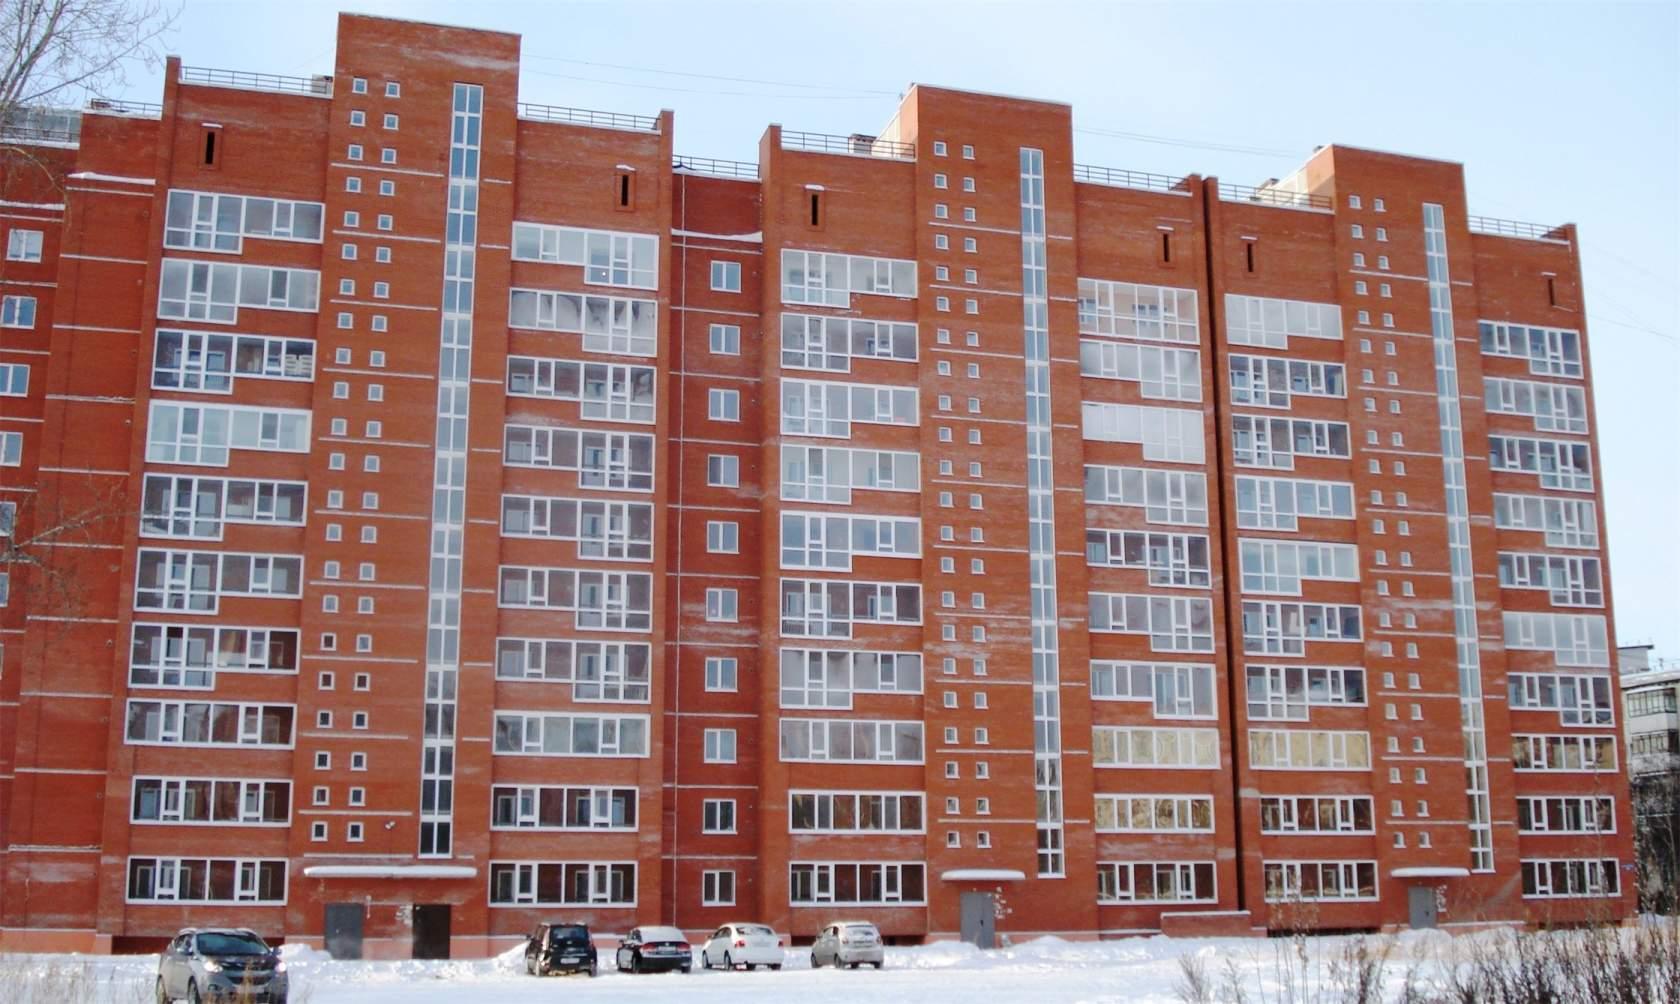 В 2018 году в Северске сдан один многоквартирный жилой дом